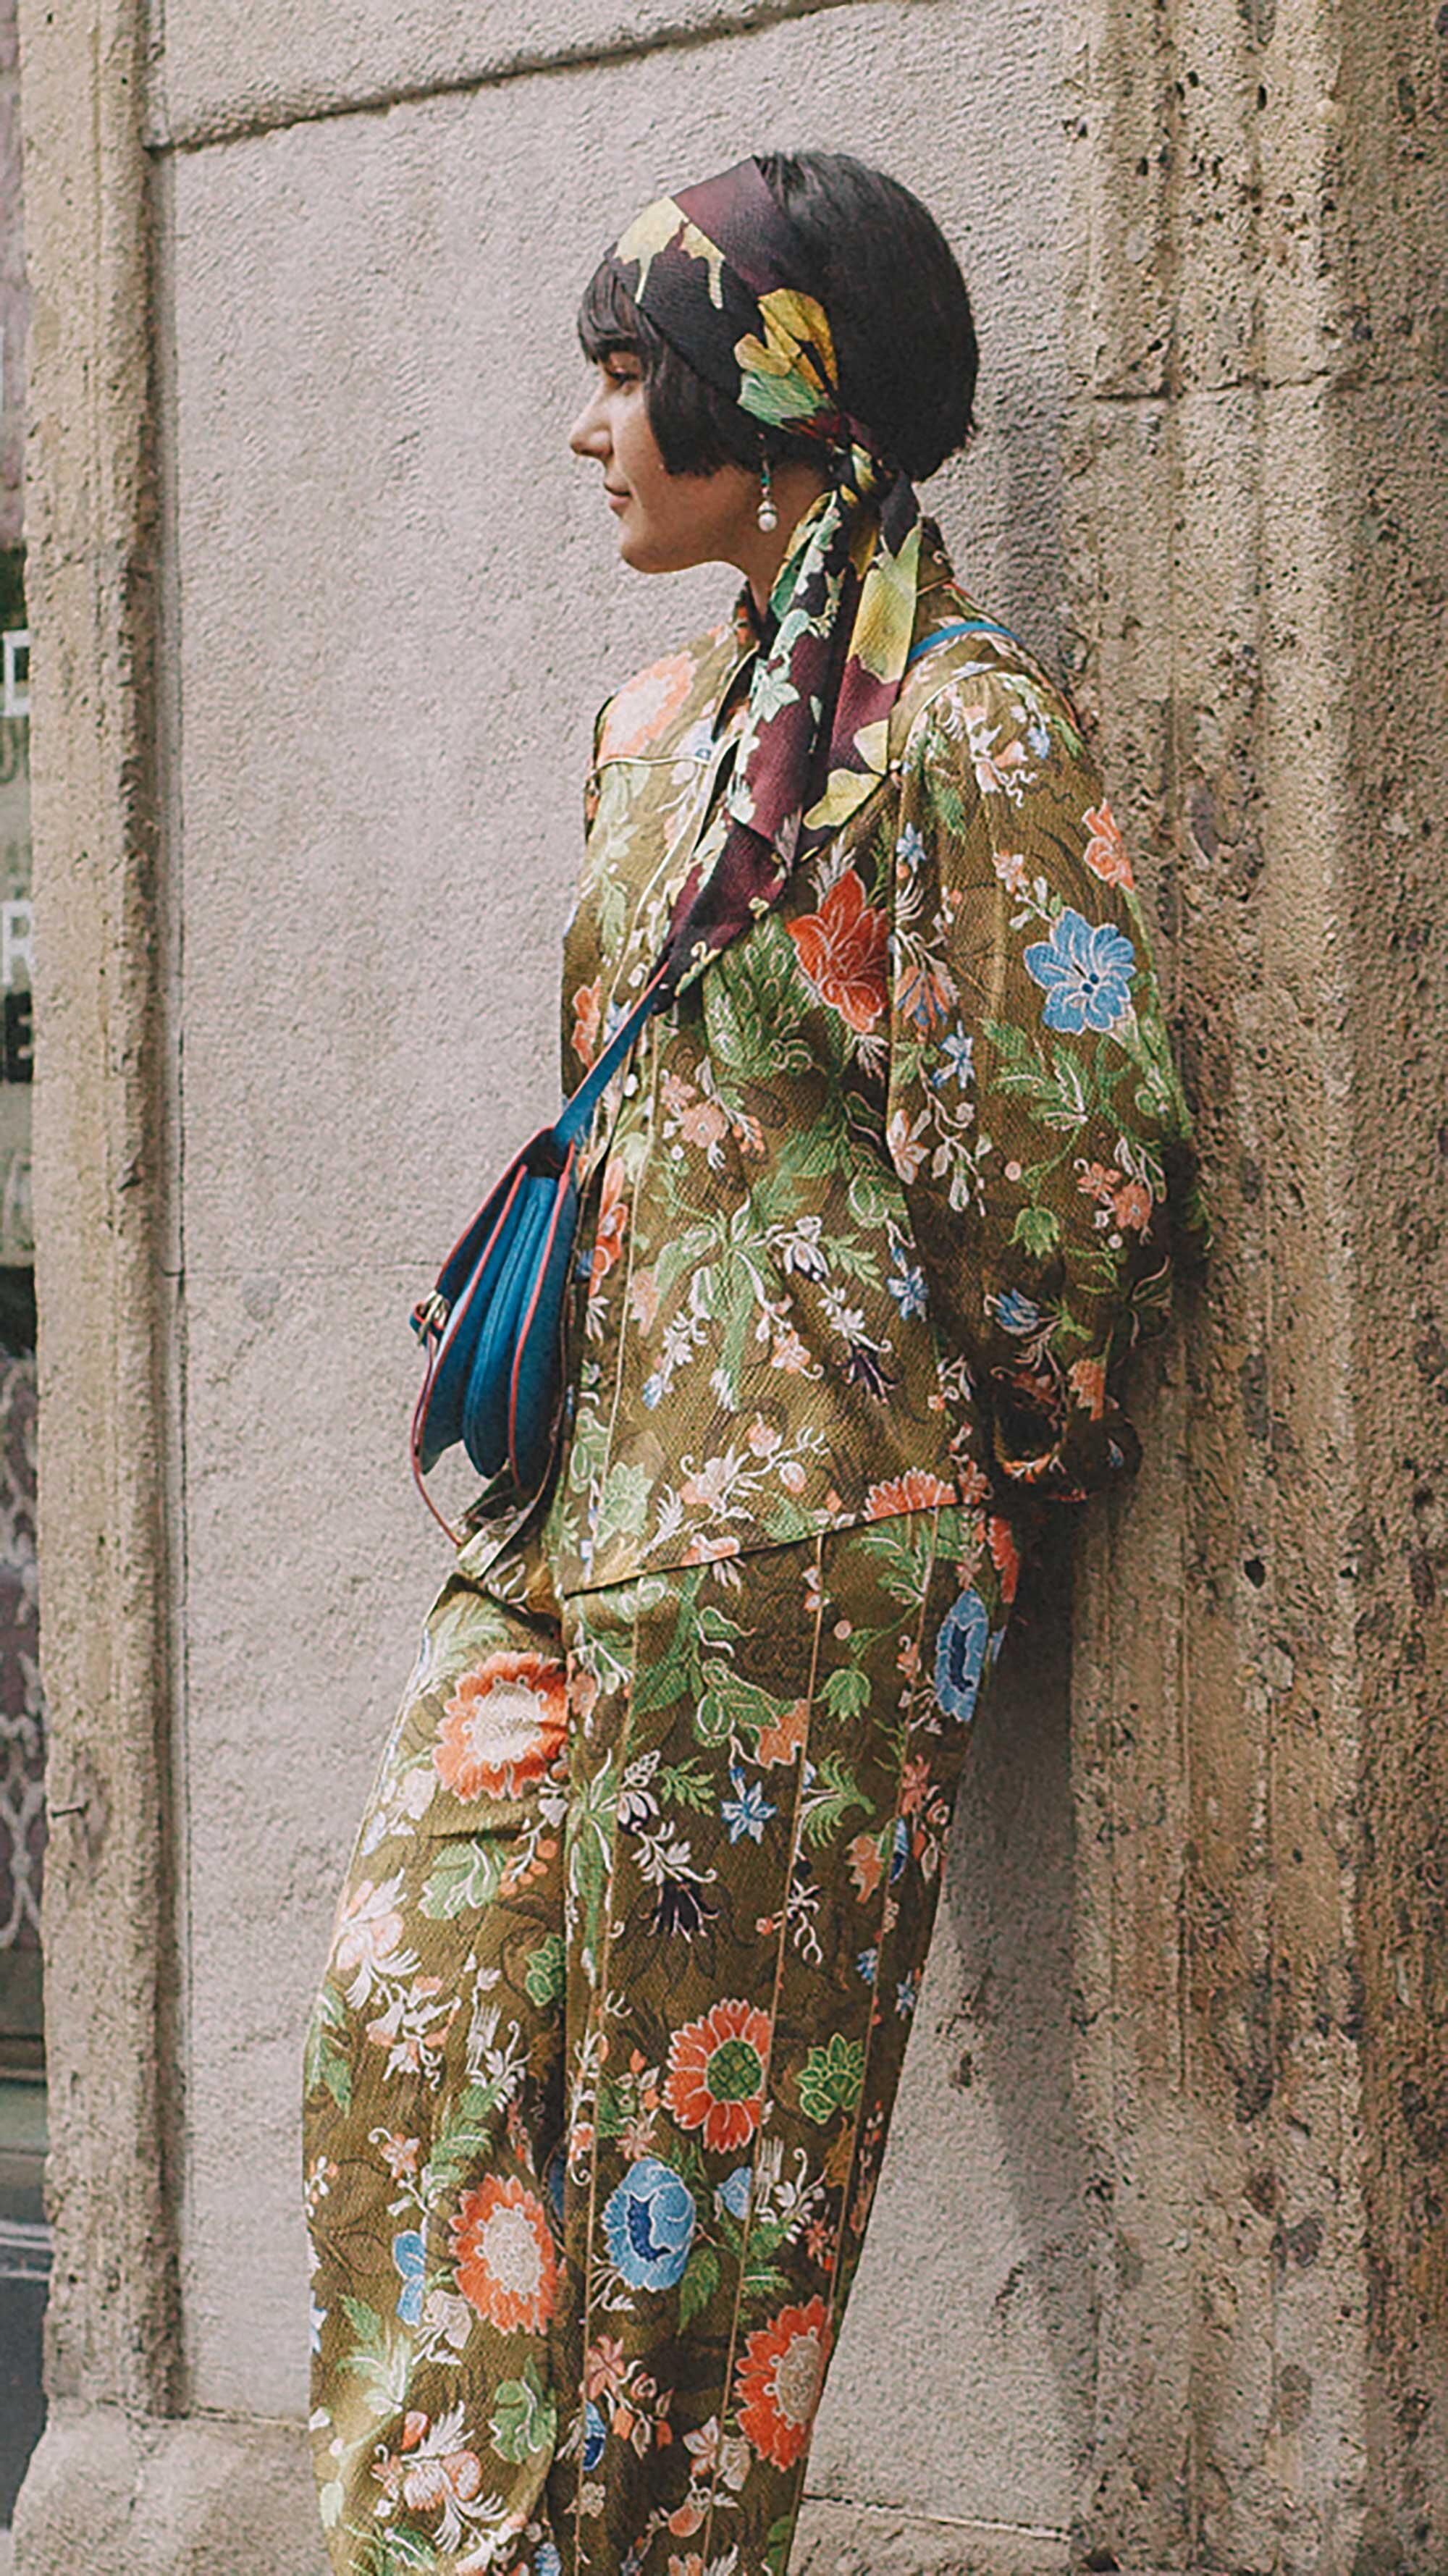 Best outfits of Milan Fashion Week street style 2019 Day One MFW SS20 Photo by @J2martinez Jose J. Martinez www.jmrtnz.com -1.jpg